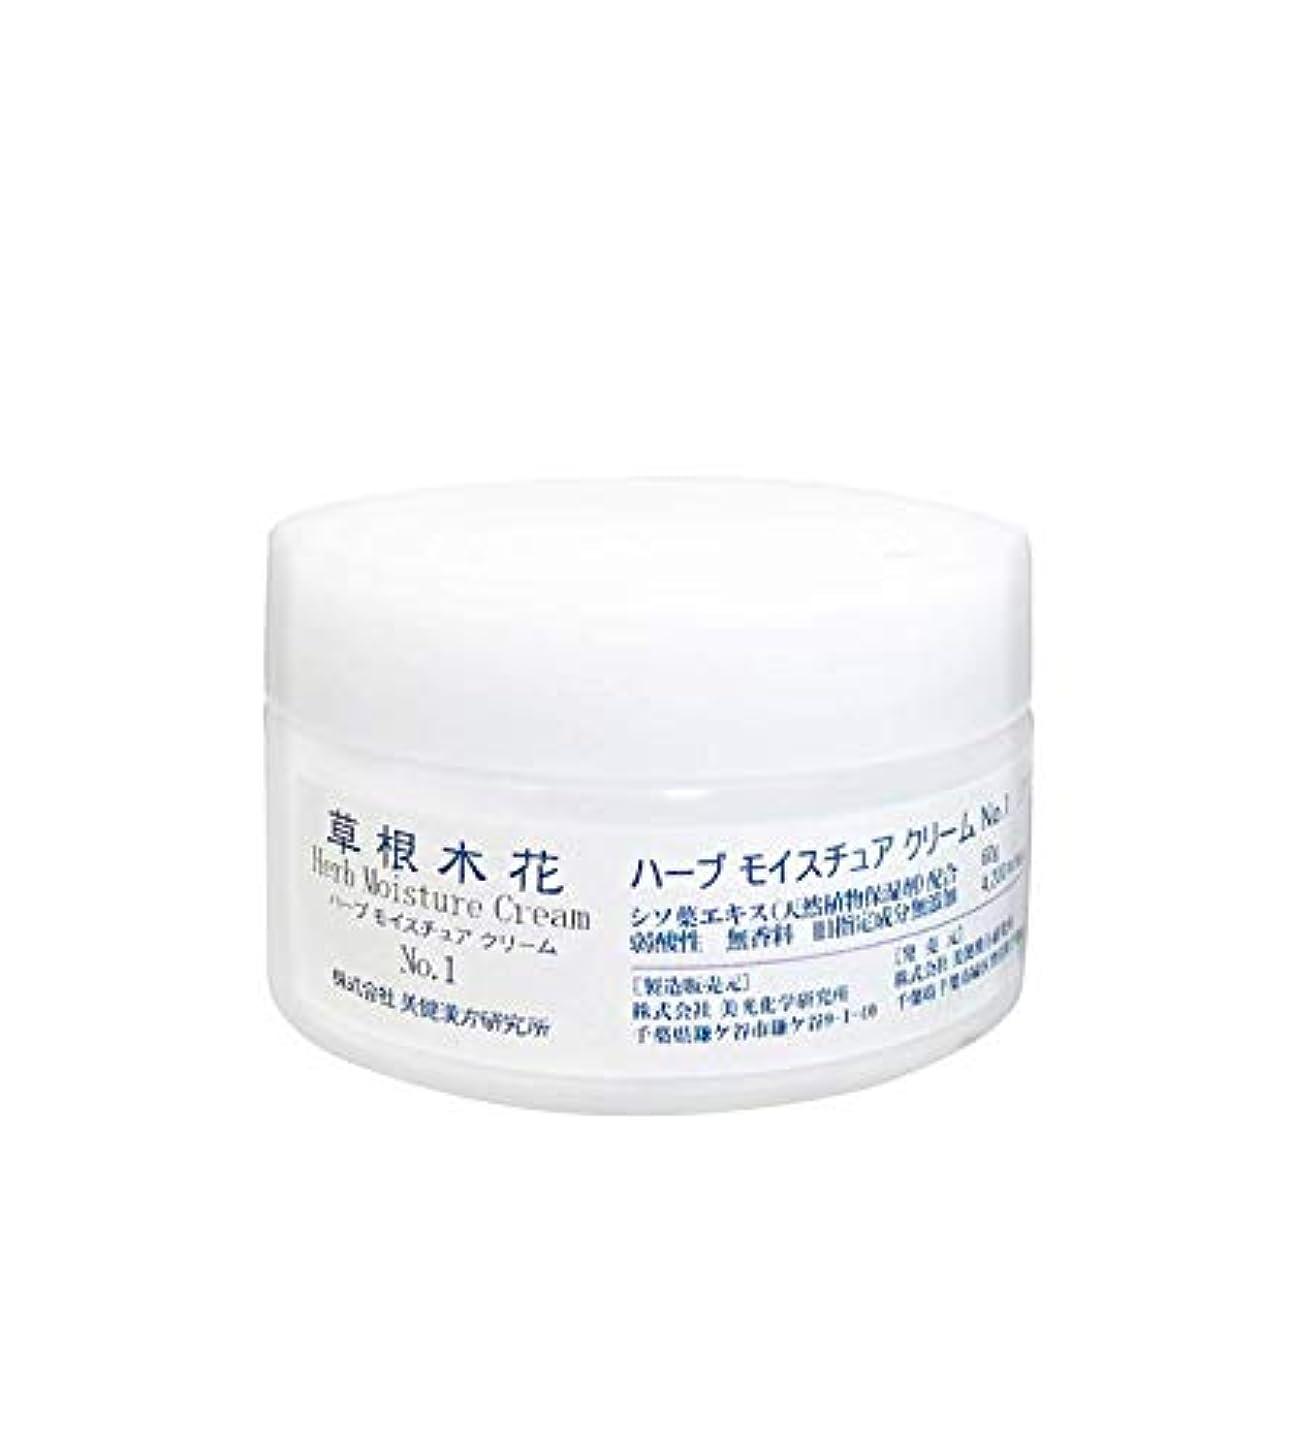 レポートを書く必要条件契約「草根木花 ハーブモイスチュアクリームNo.1 (紫蘇クリーム)」  乾燥肌?敏感肌にシソエキス  シェアドコスメ(男女兼用化粧品)